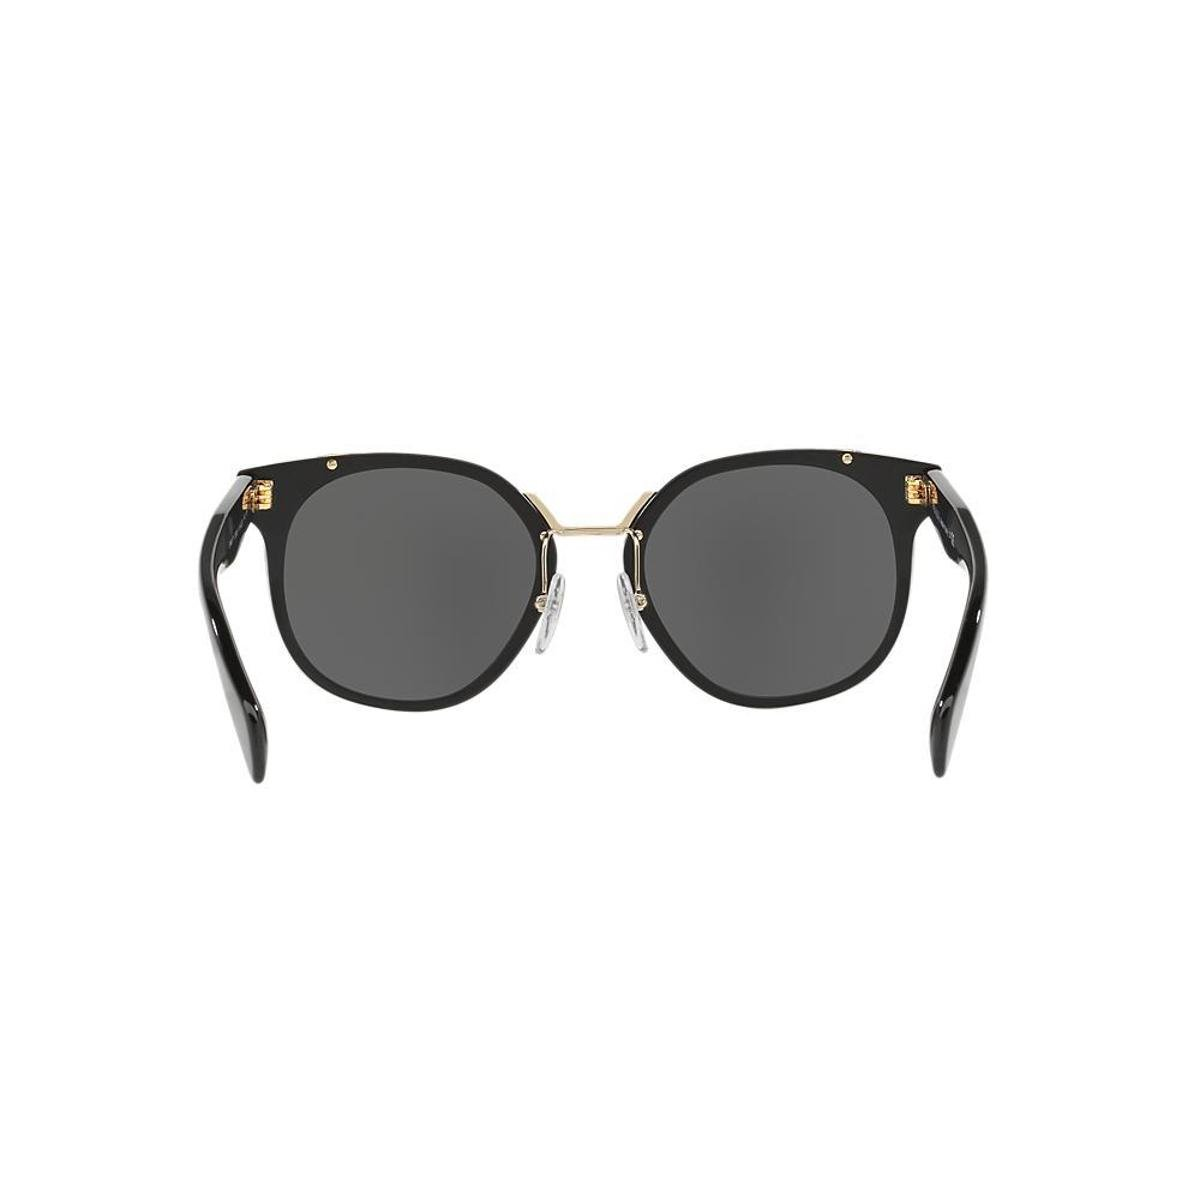 ... 421e8edbaf8 Óculos de Sol Prada Quadrado PR 17TS Feminino - Preto - Compre  Agora . 33e8510245